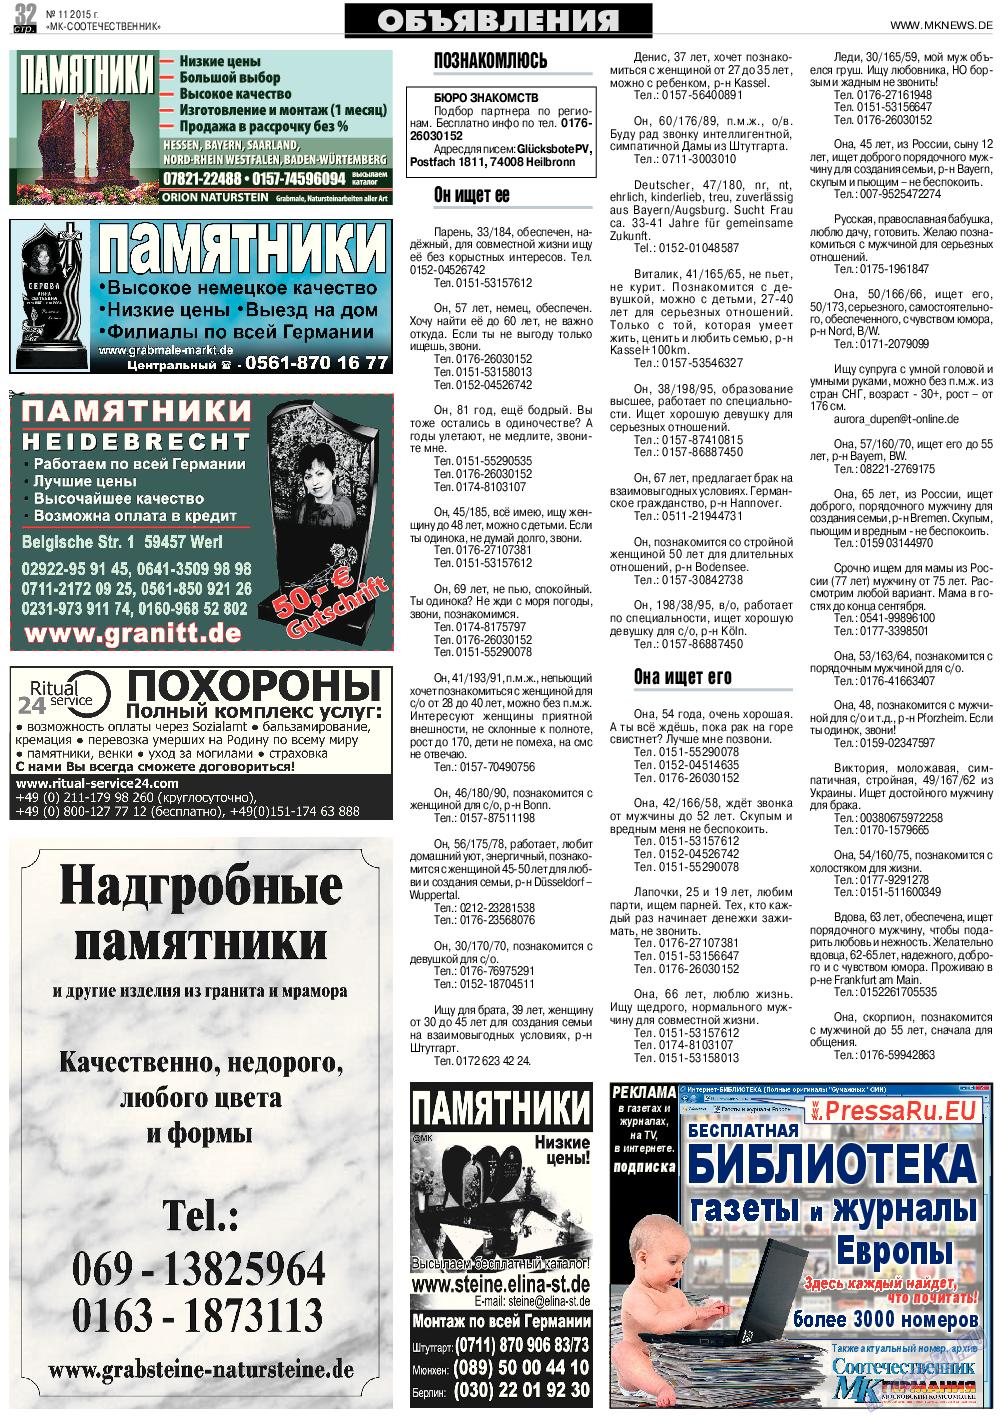 дать объявление о знакомстве газету